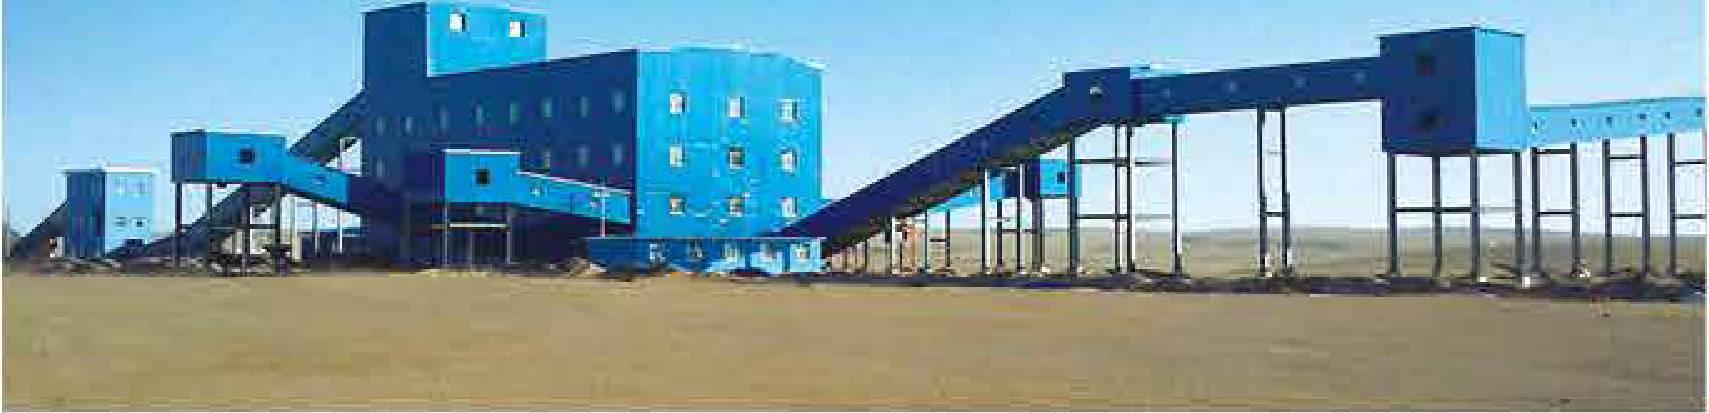 内蒙古中彩矿业有限公司150万吨跳汰